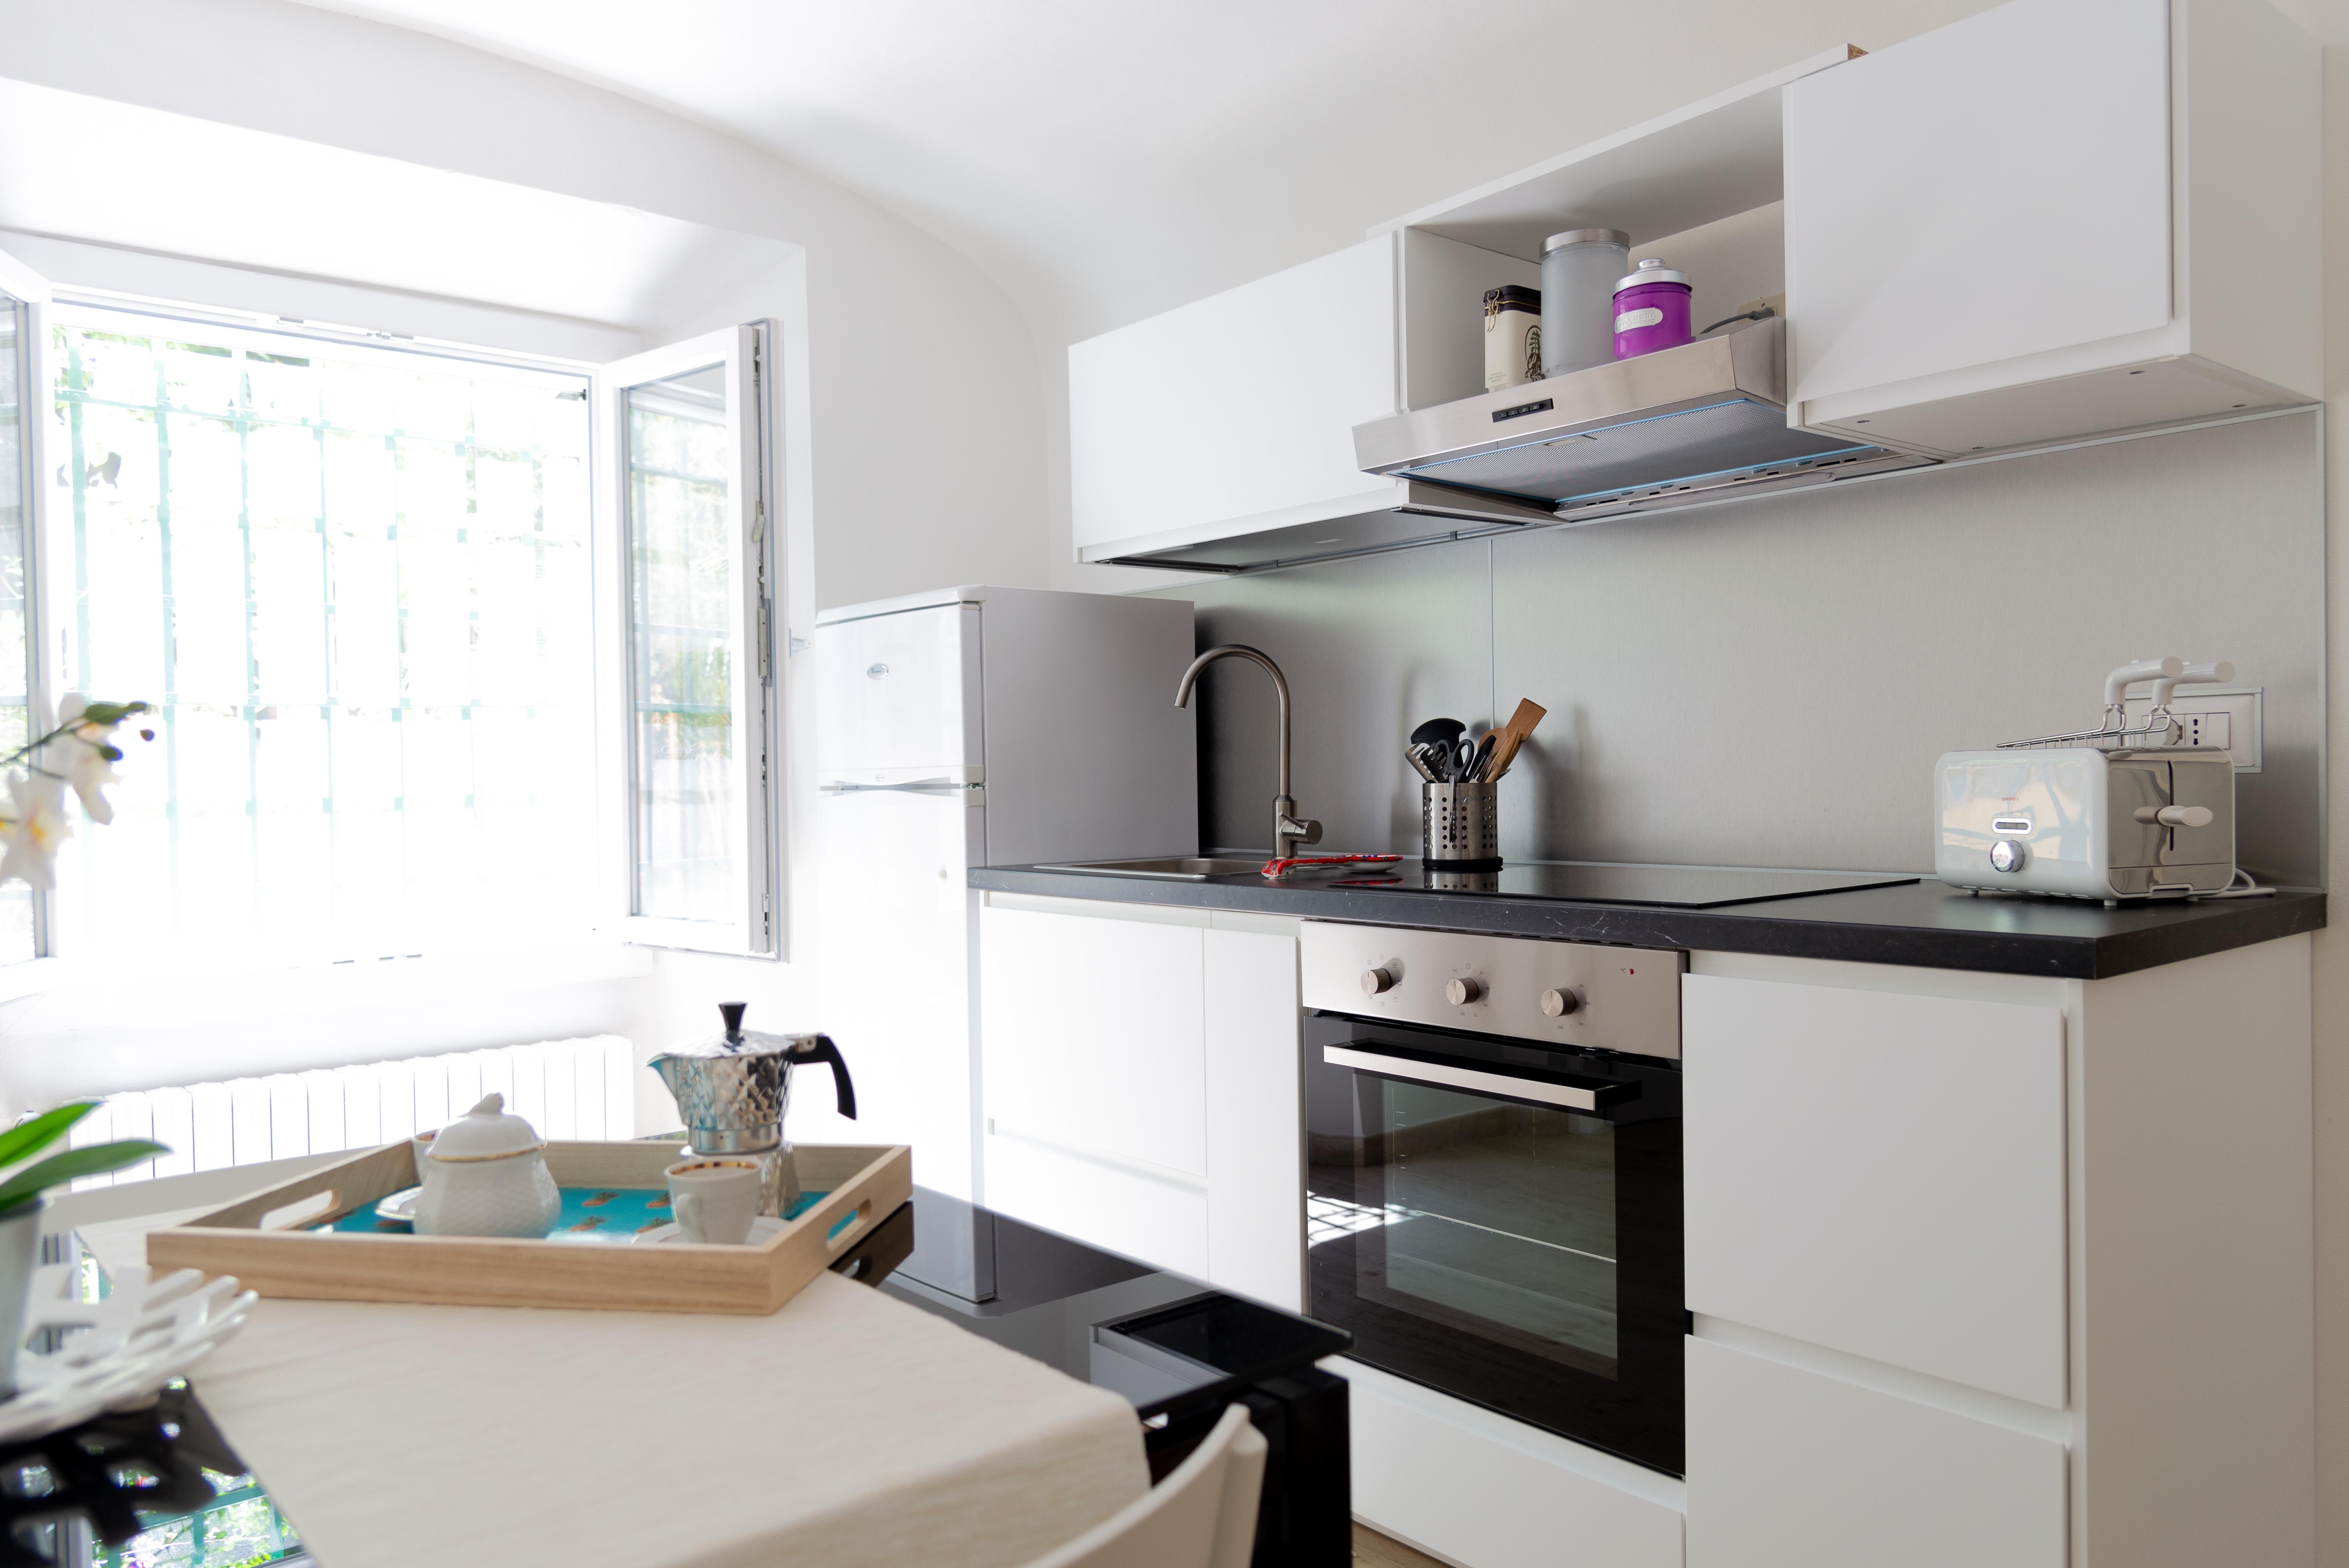 Dettaglio cucina | Appartamento privato a Firenze